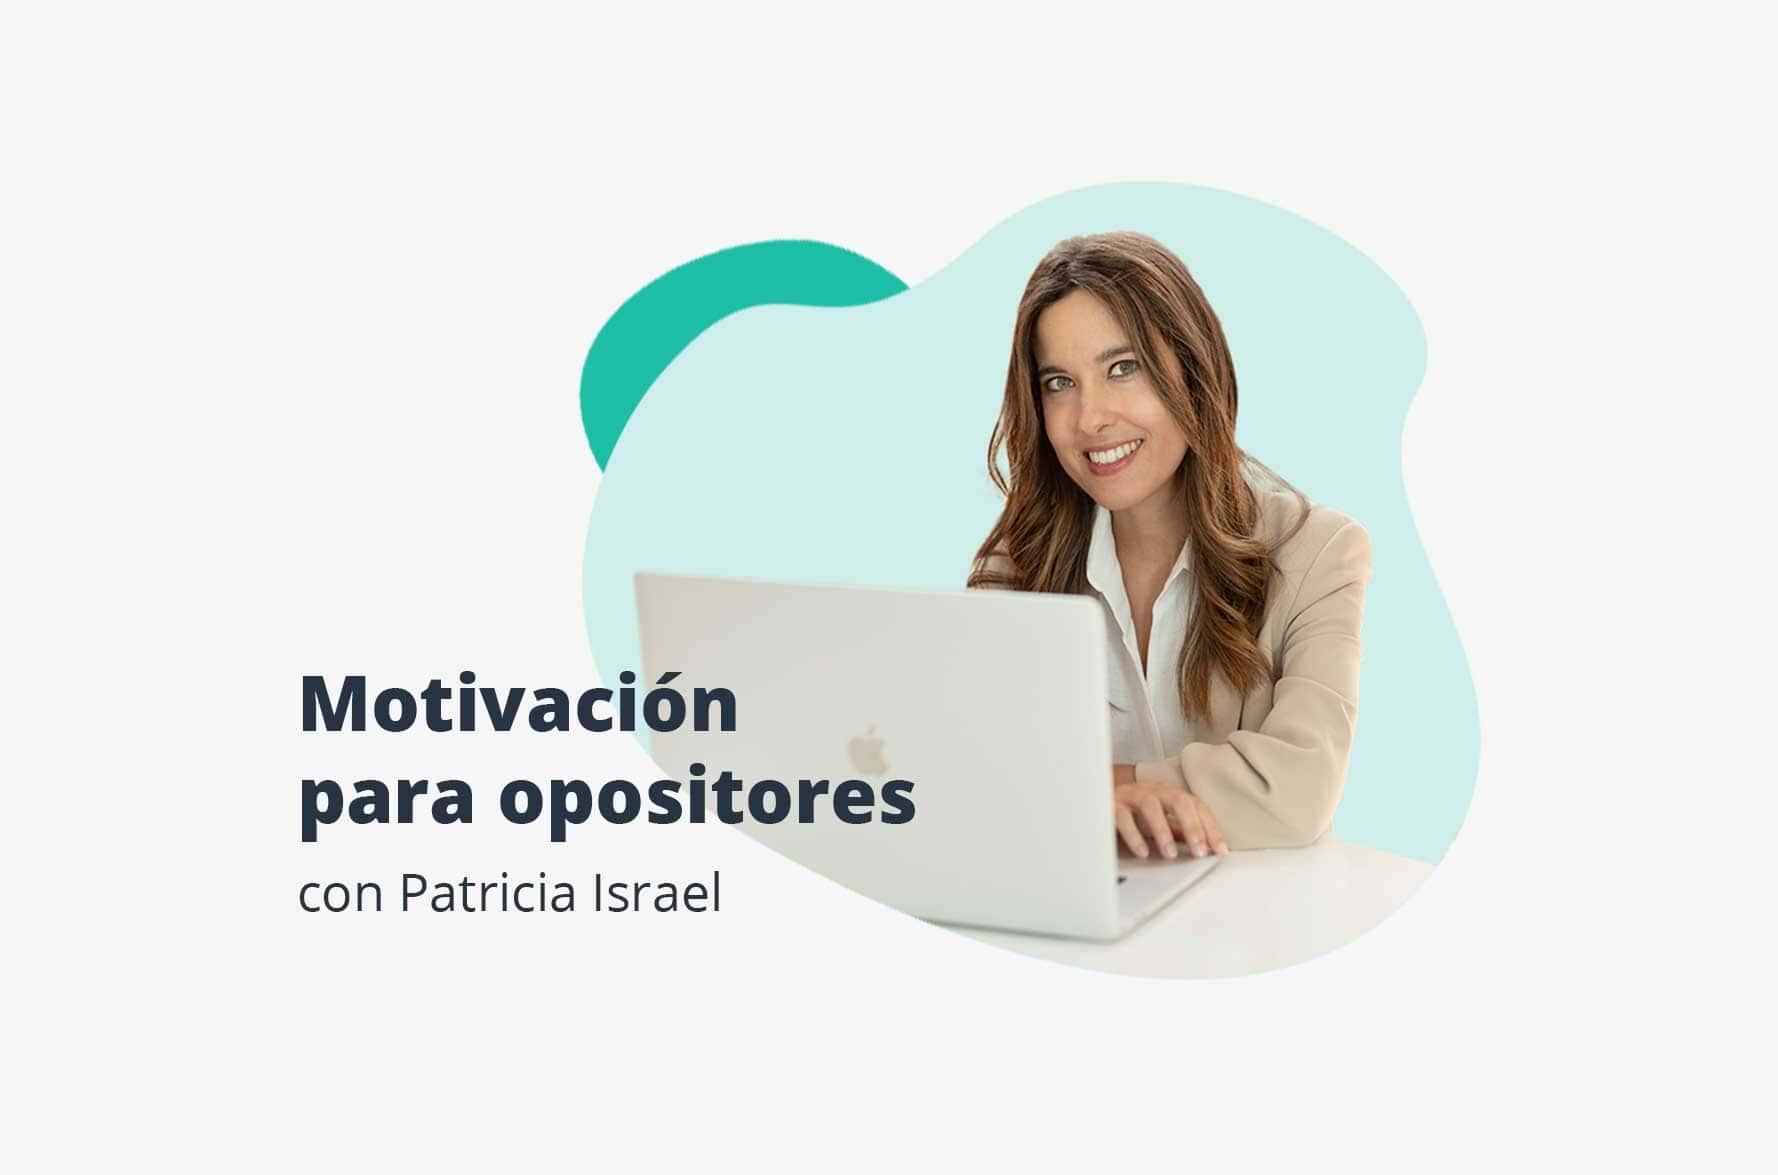 evento-patricia-israel-portada